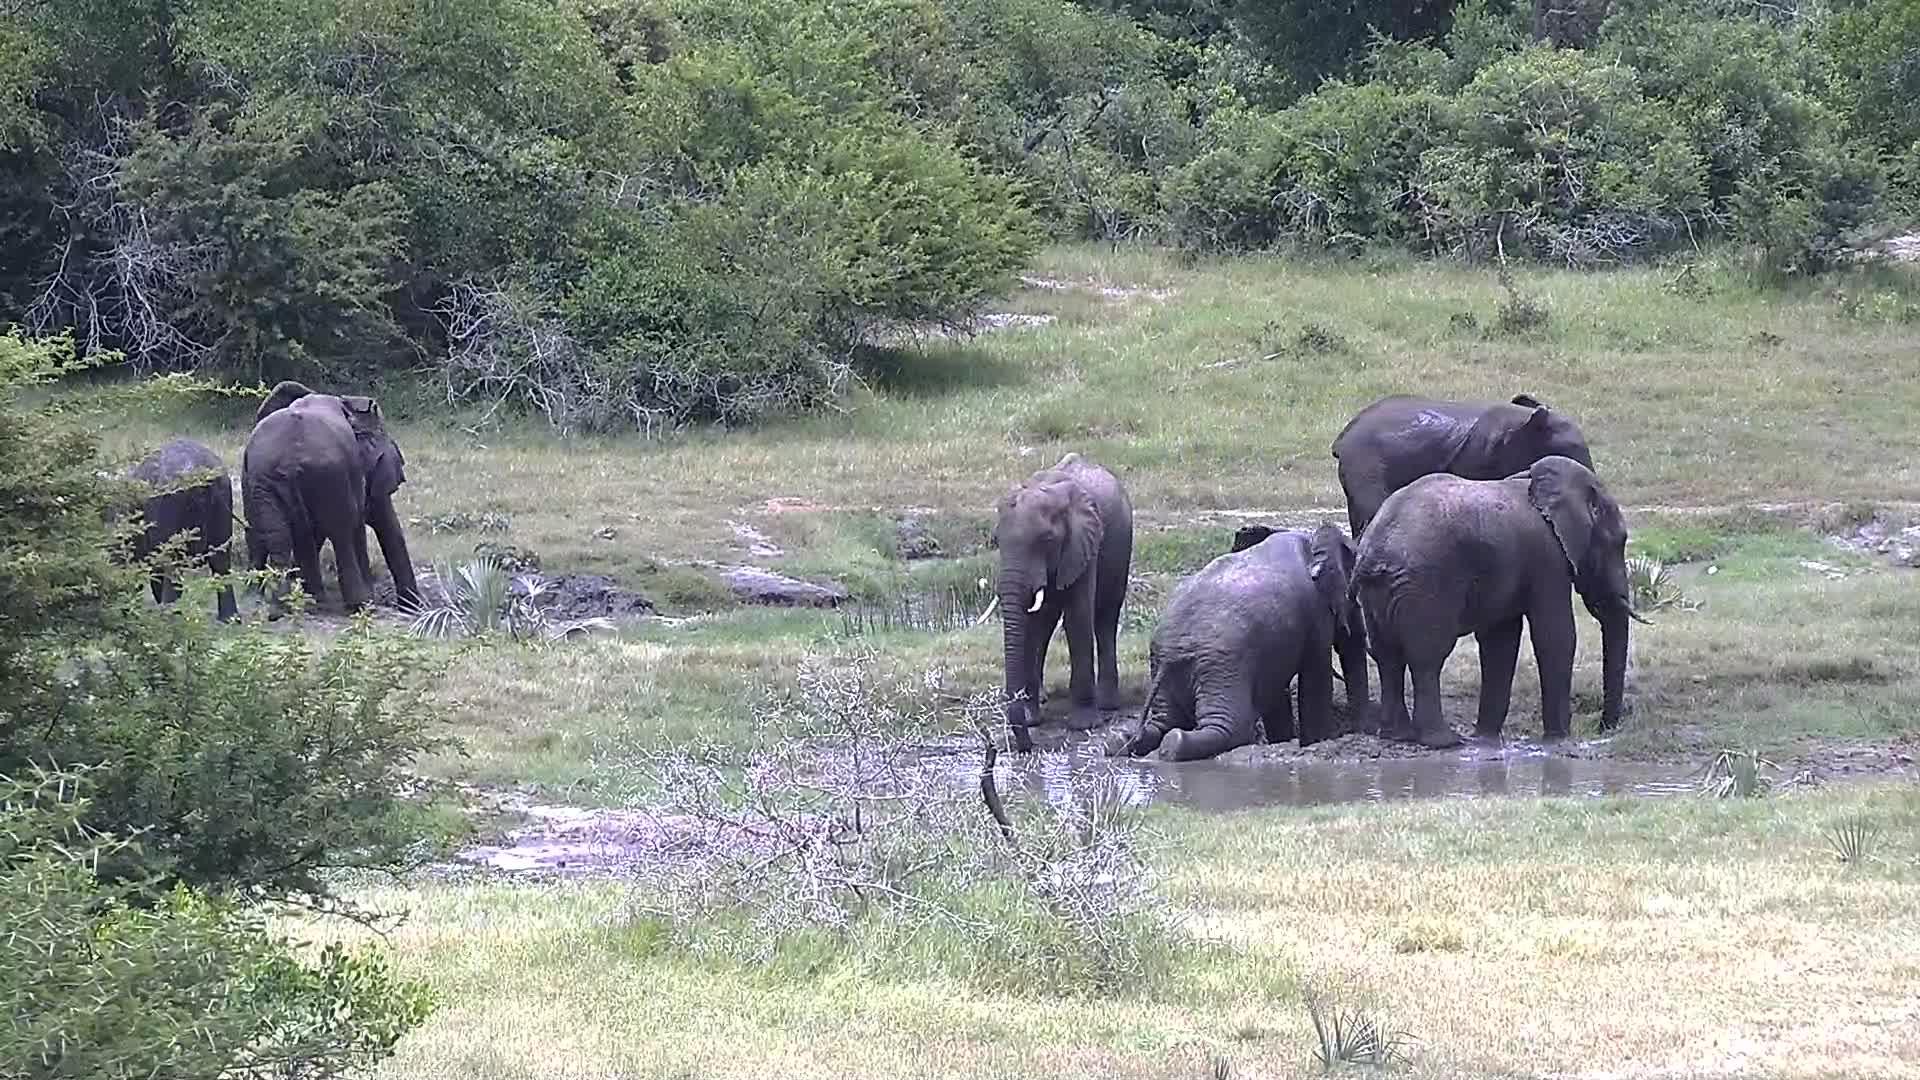 VIDEO:  Elephant enjoying a mud bath